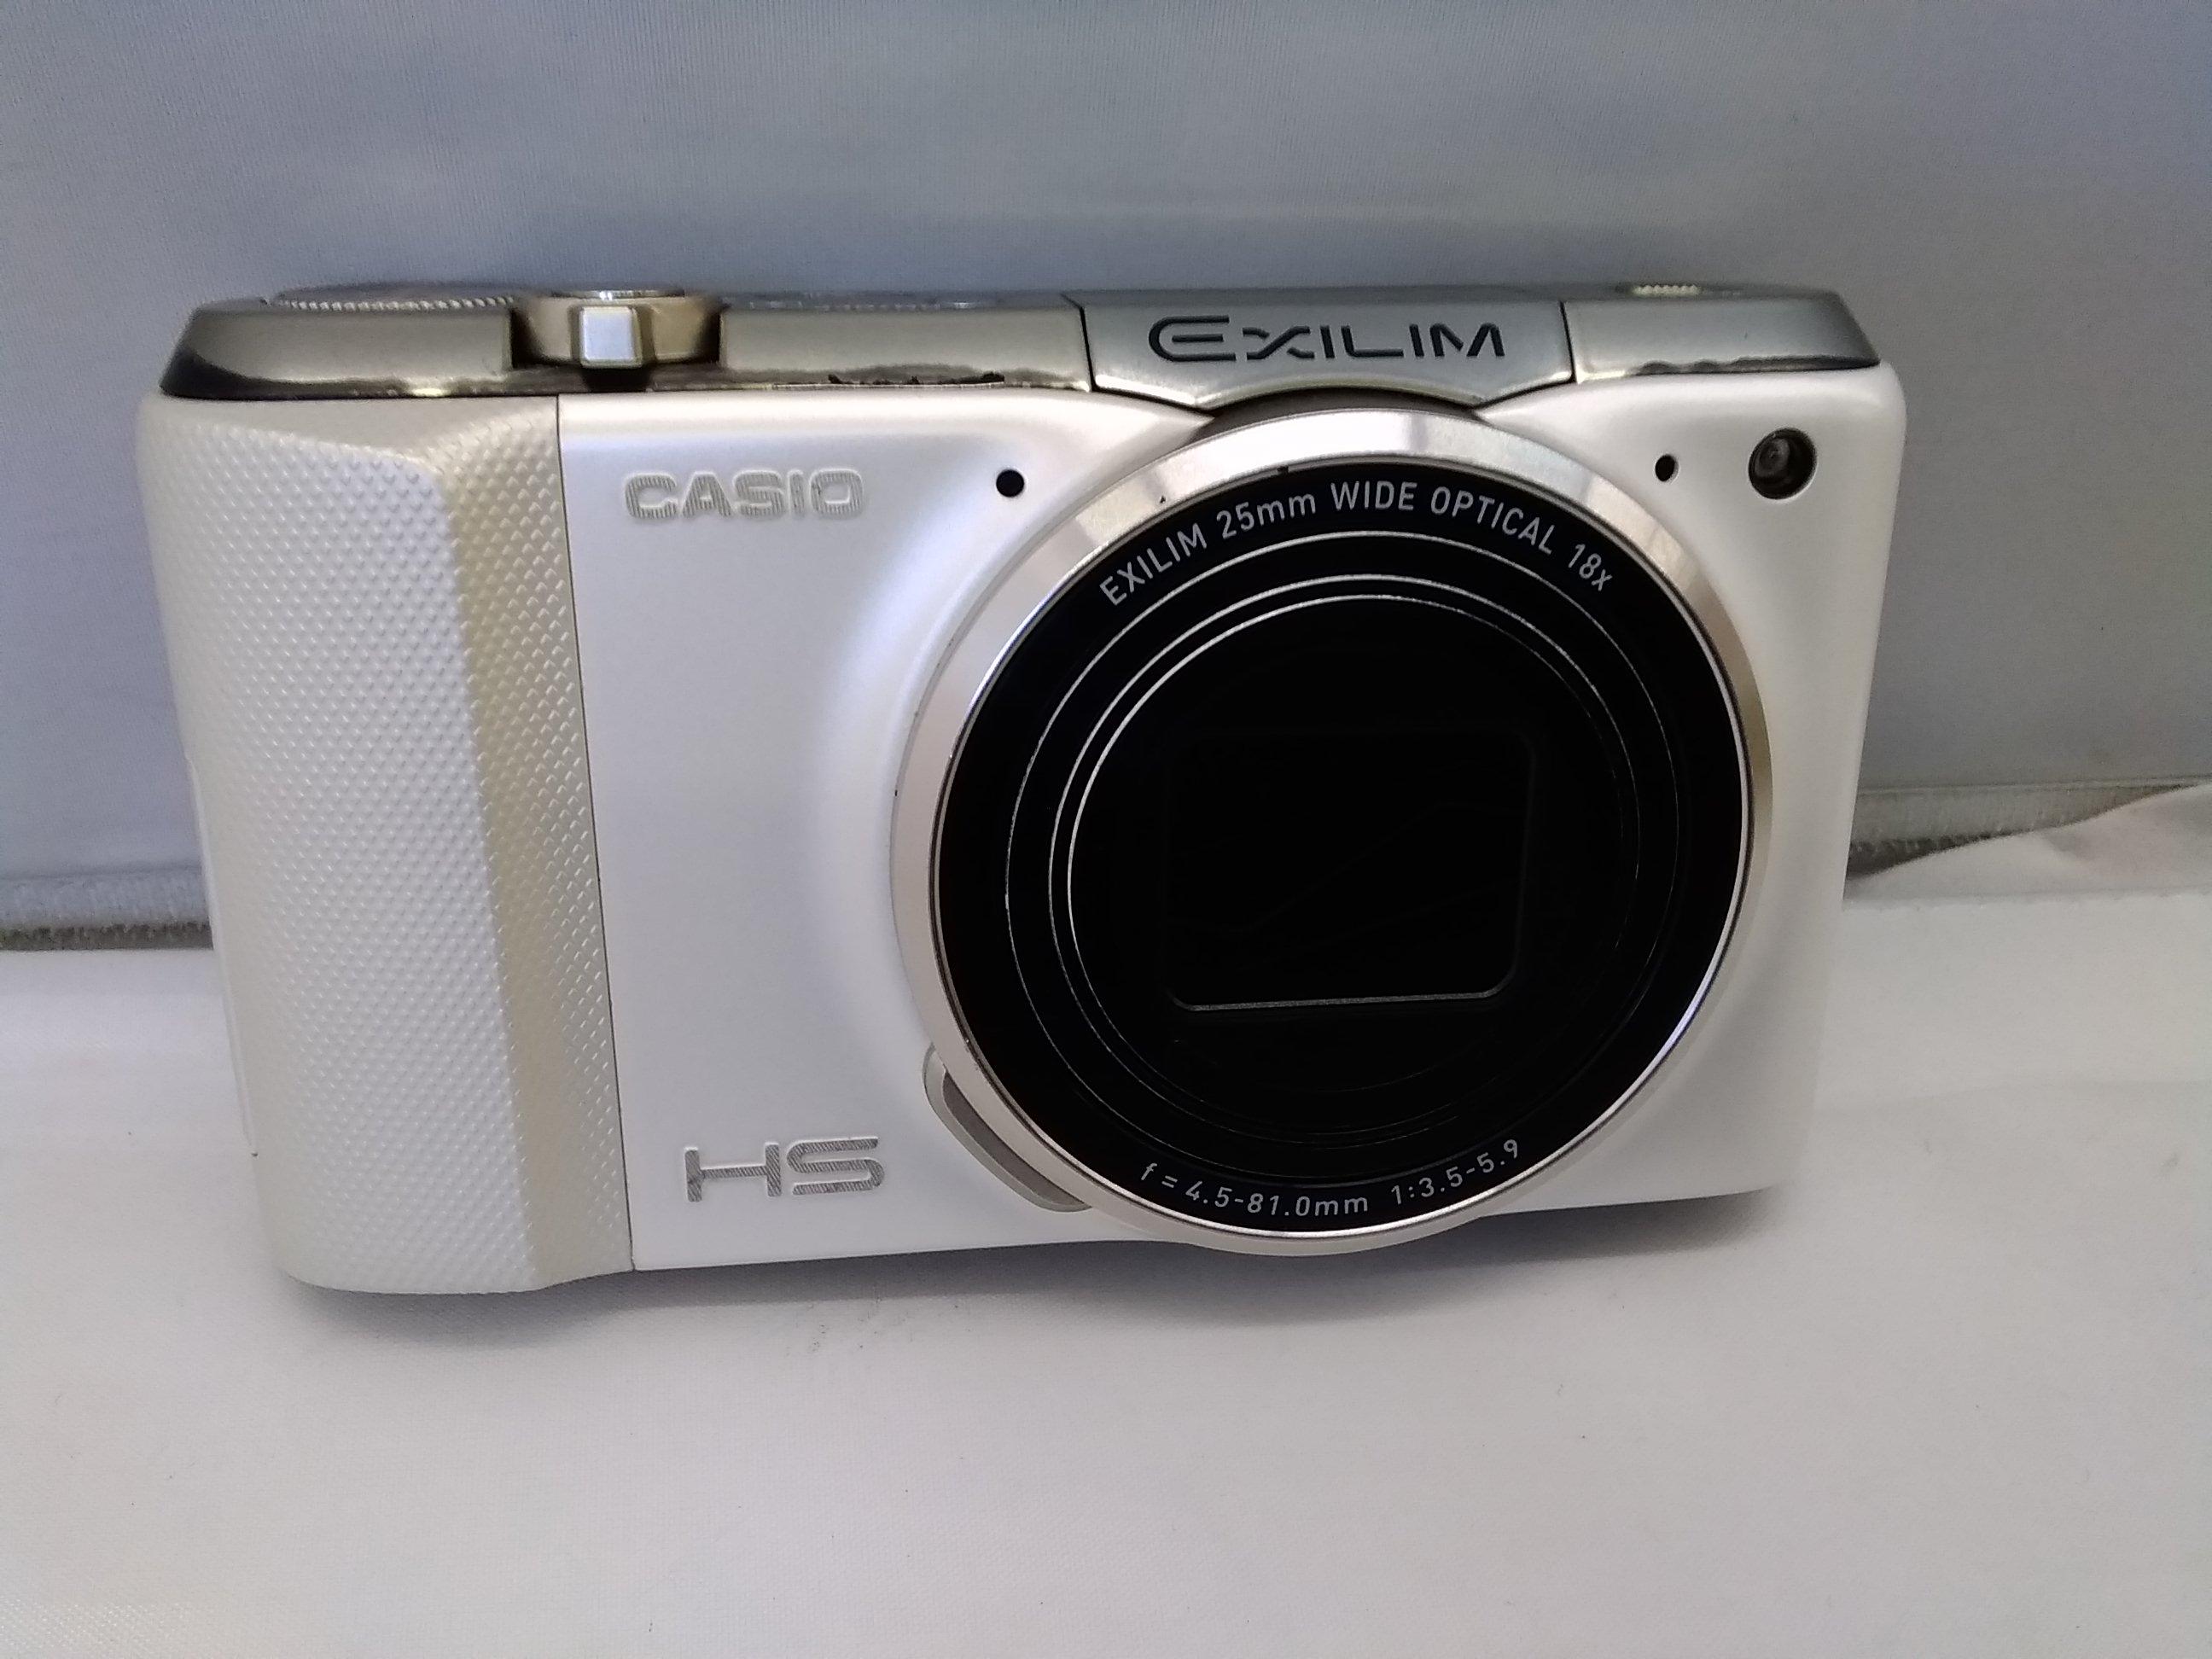 1400万画素デジタルカメラ|CASIO